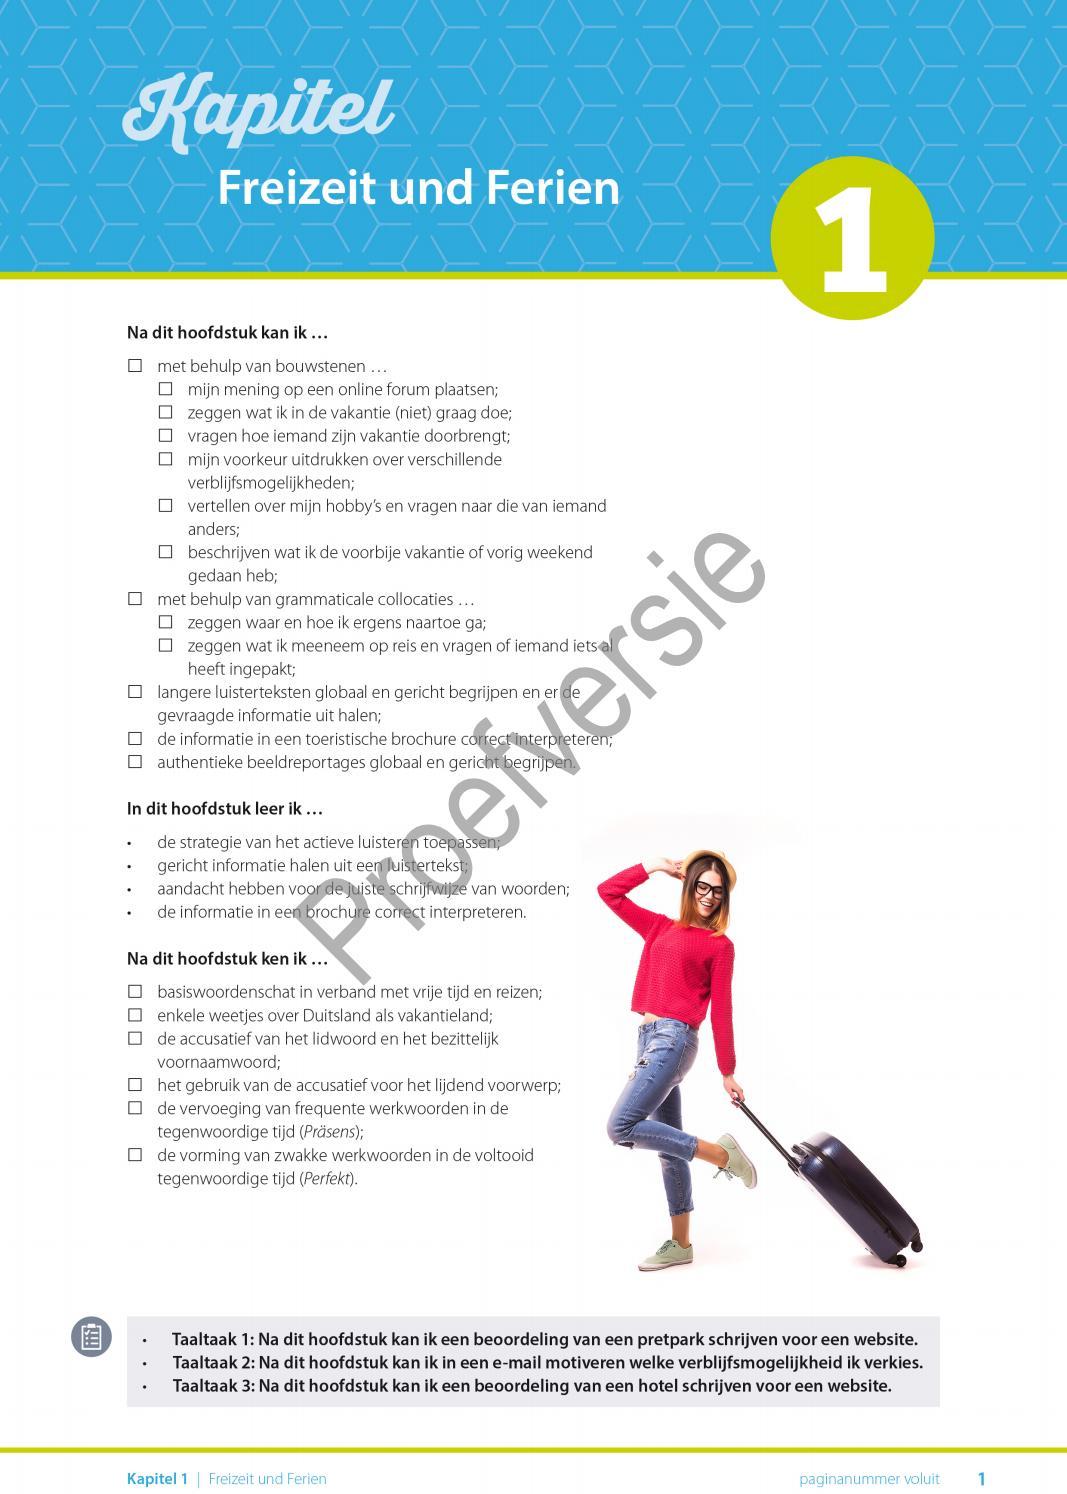 Alles Klar! Aktuell 5 - Hoofdstuk 1 (proefversie) by VAN IN - issuu